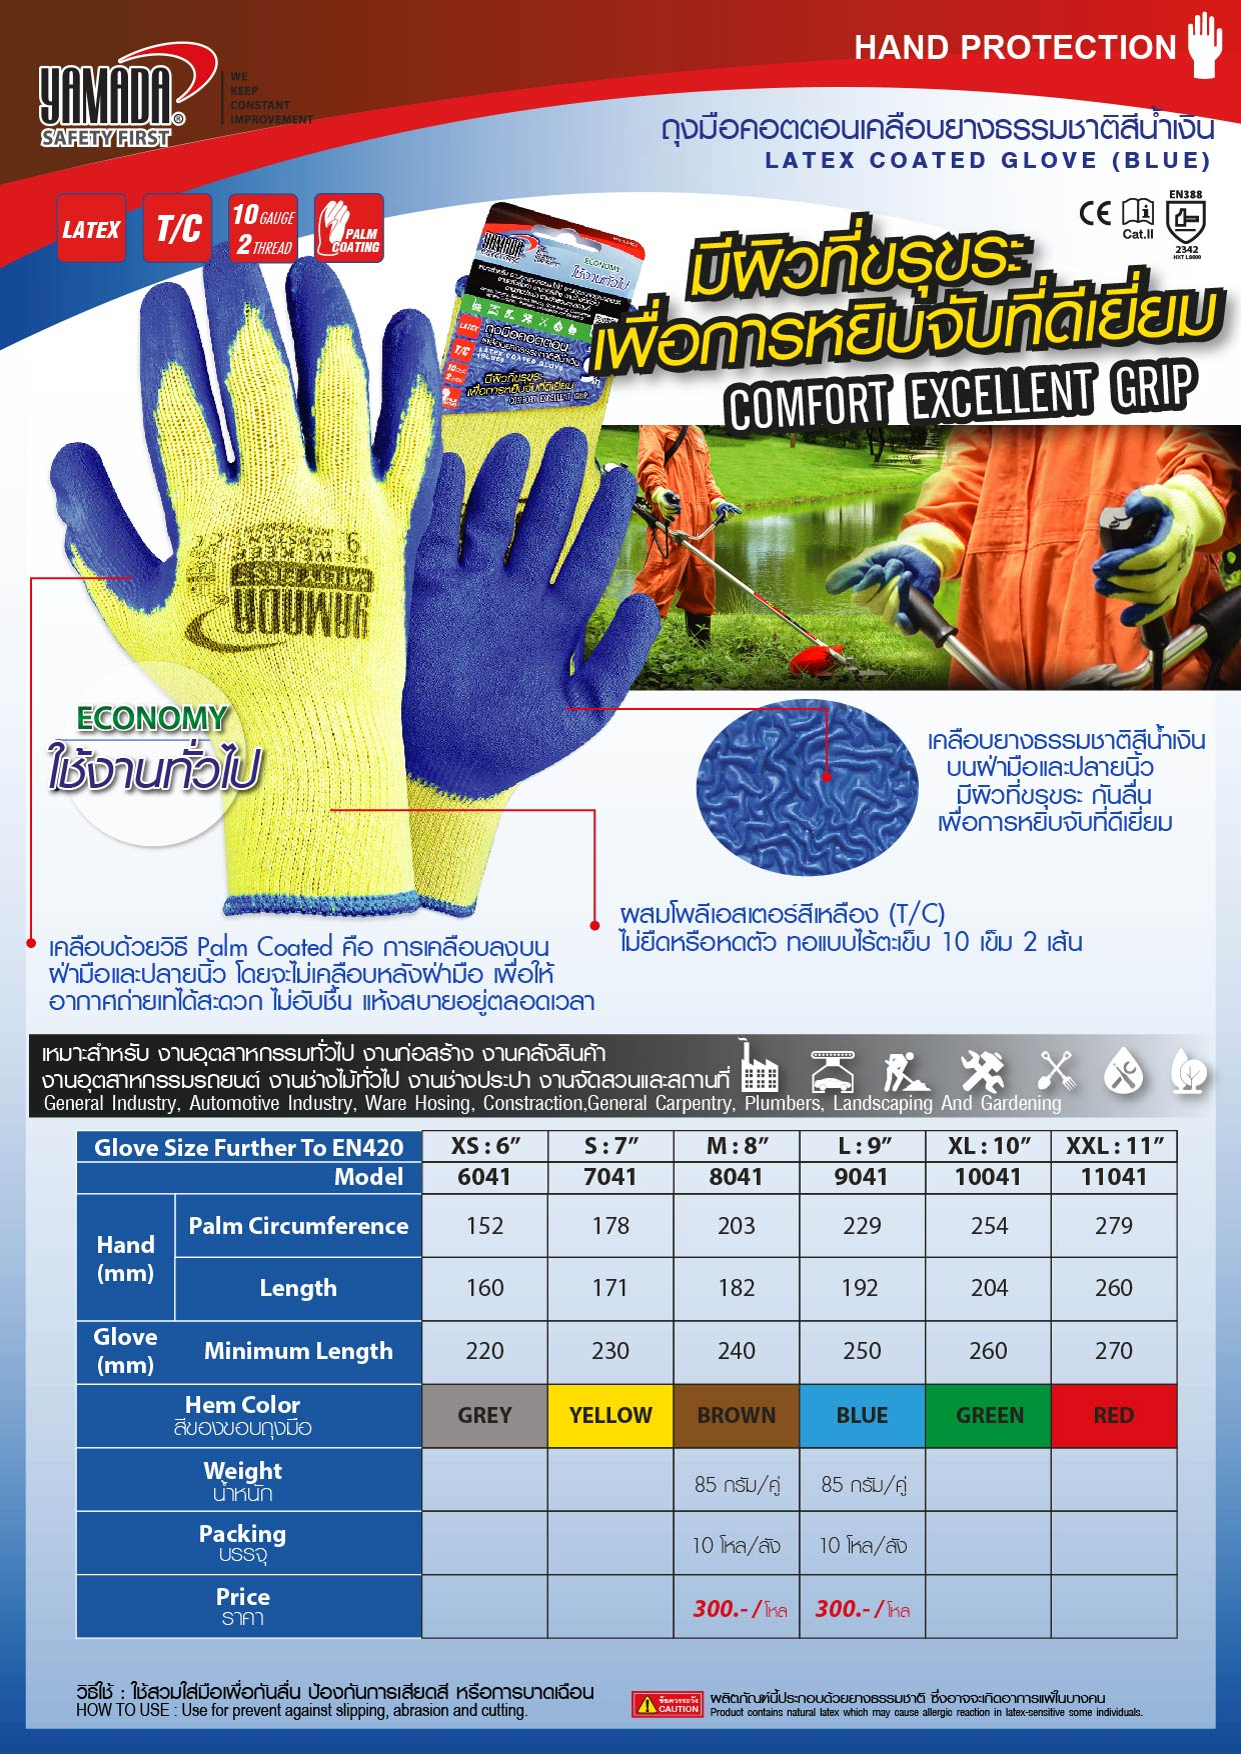 (143/278) ถุงมือคอตตอนเคลือบยางธรรมชาติสีน้ำเงิน